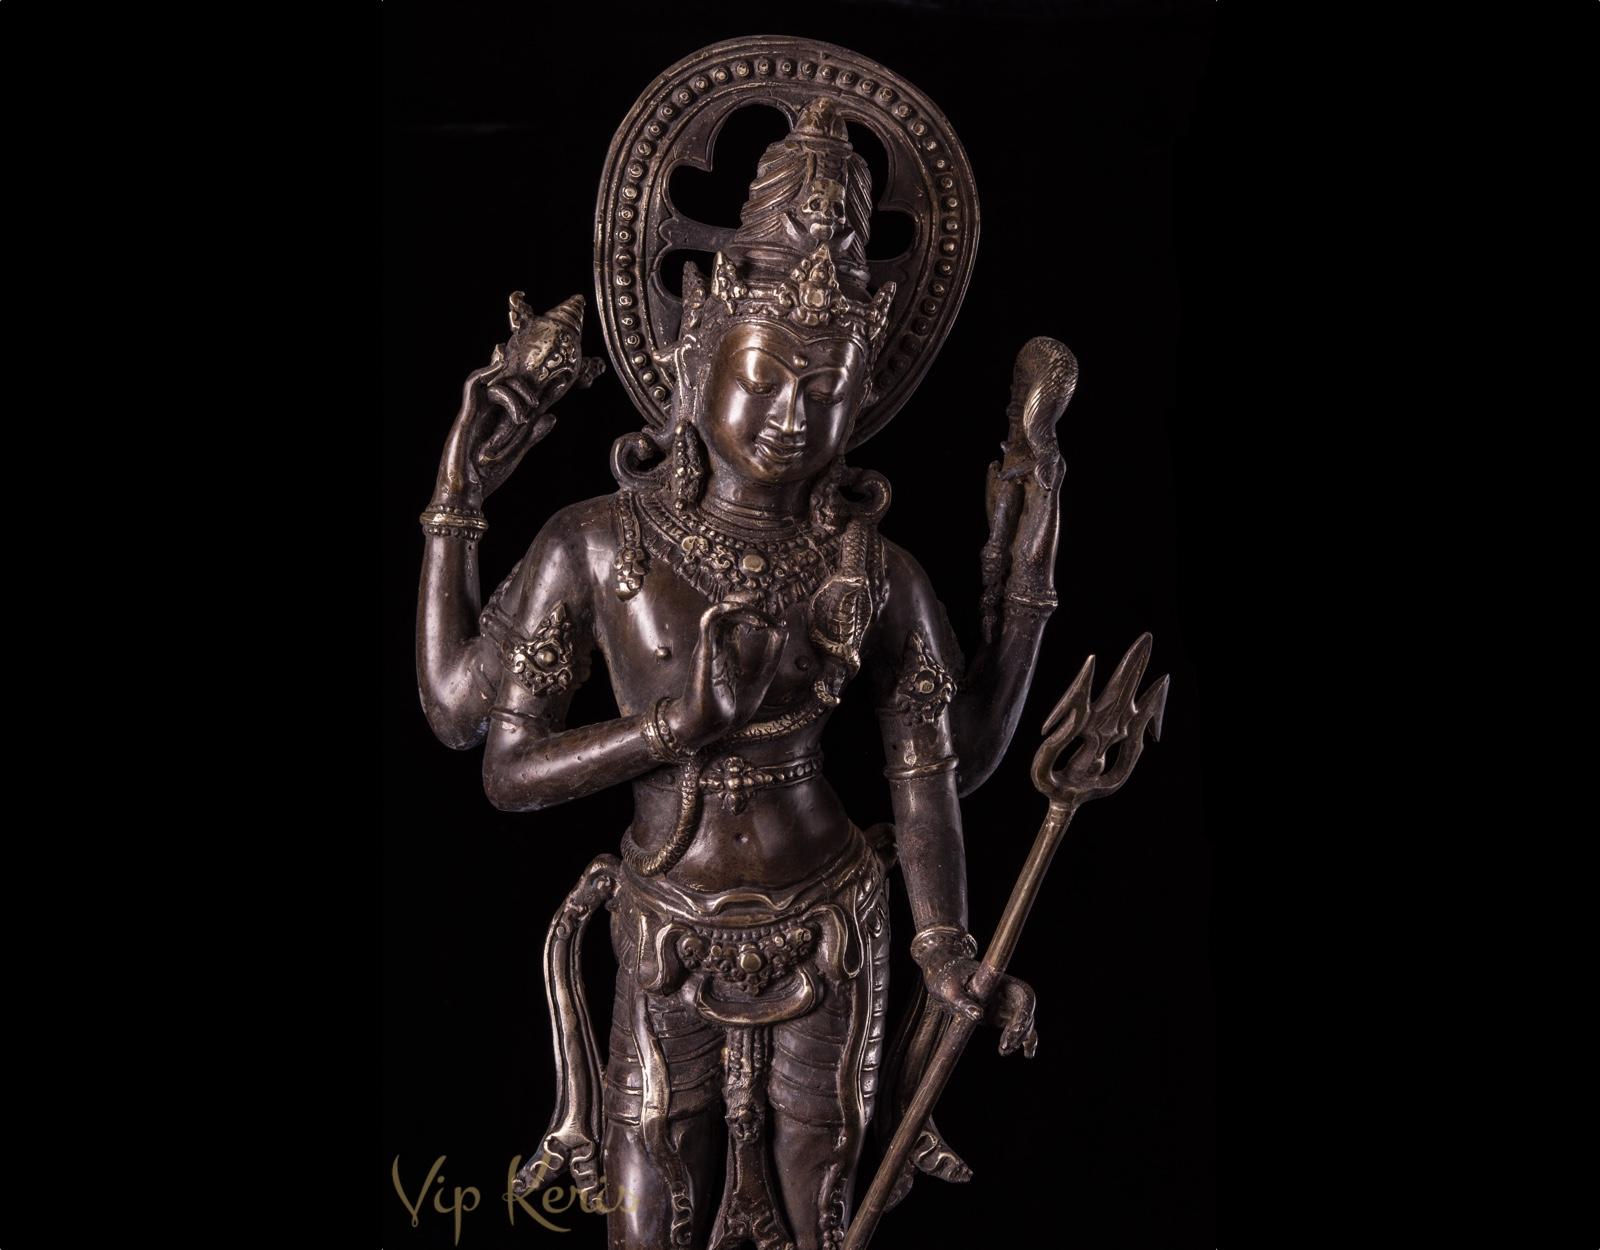 Бронзовая статуя Шива, 70cm фото VipKeris